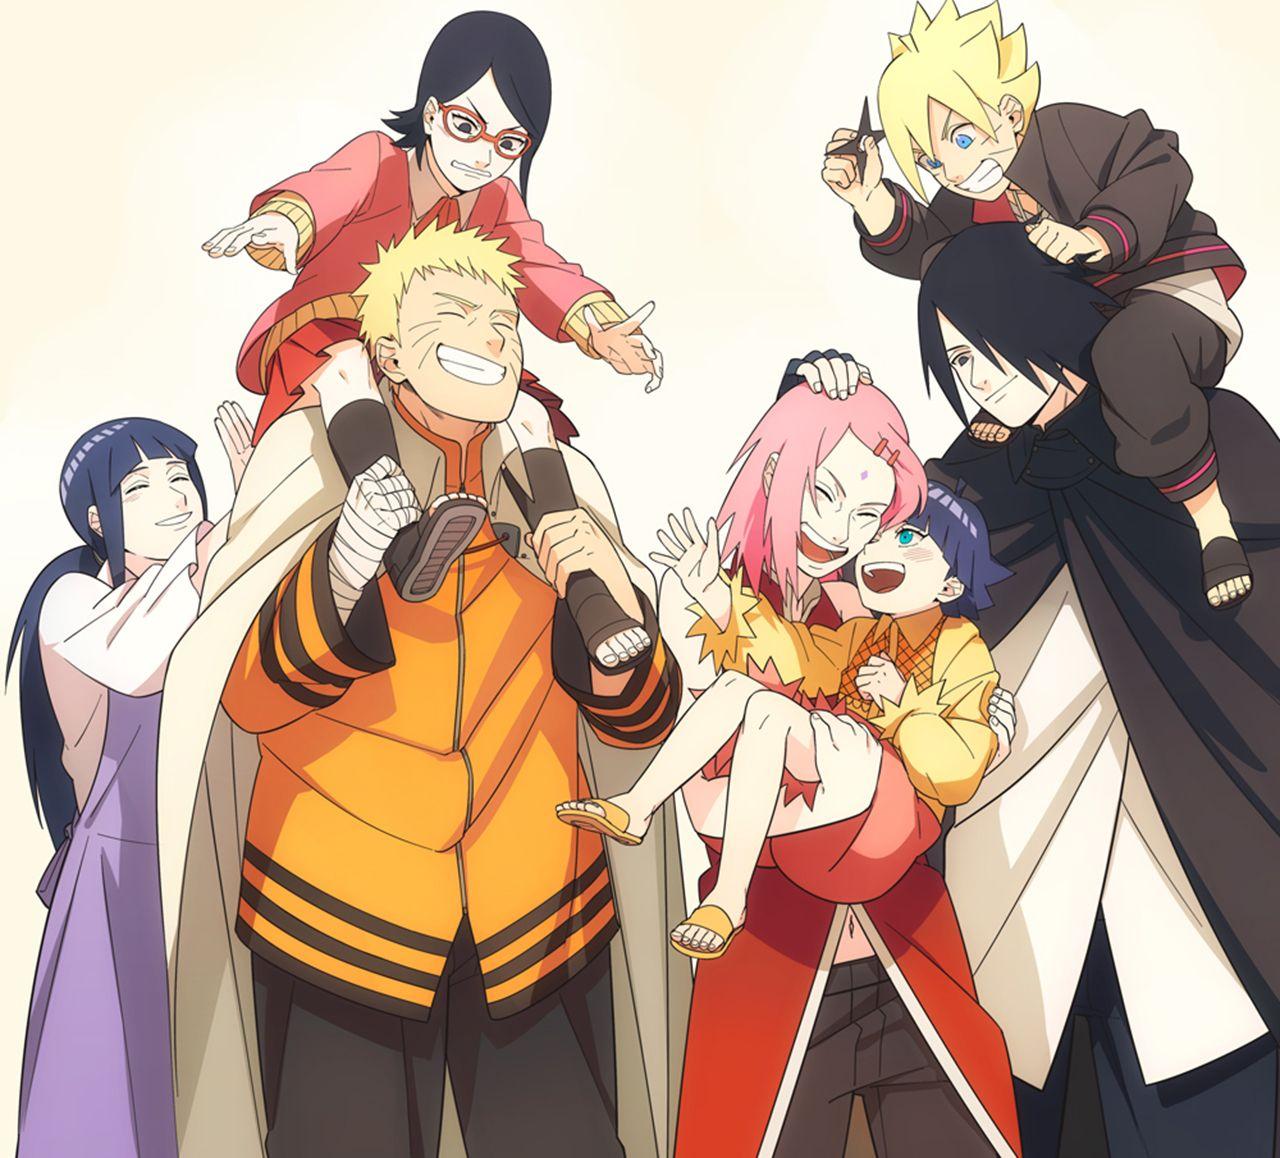 Anime Boruto Naruto The Movie Hinata Hyuga Naruto Uzumaki Naruto Himawari Uzumaki Boruto Uzumaki Sarada Uchiha Sakura Haruno Sasuke Uchiha Wallpaper